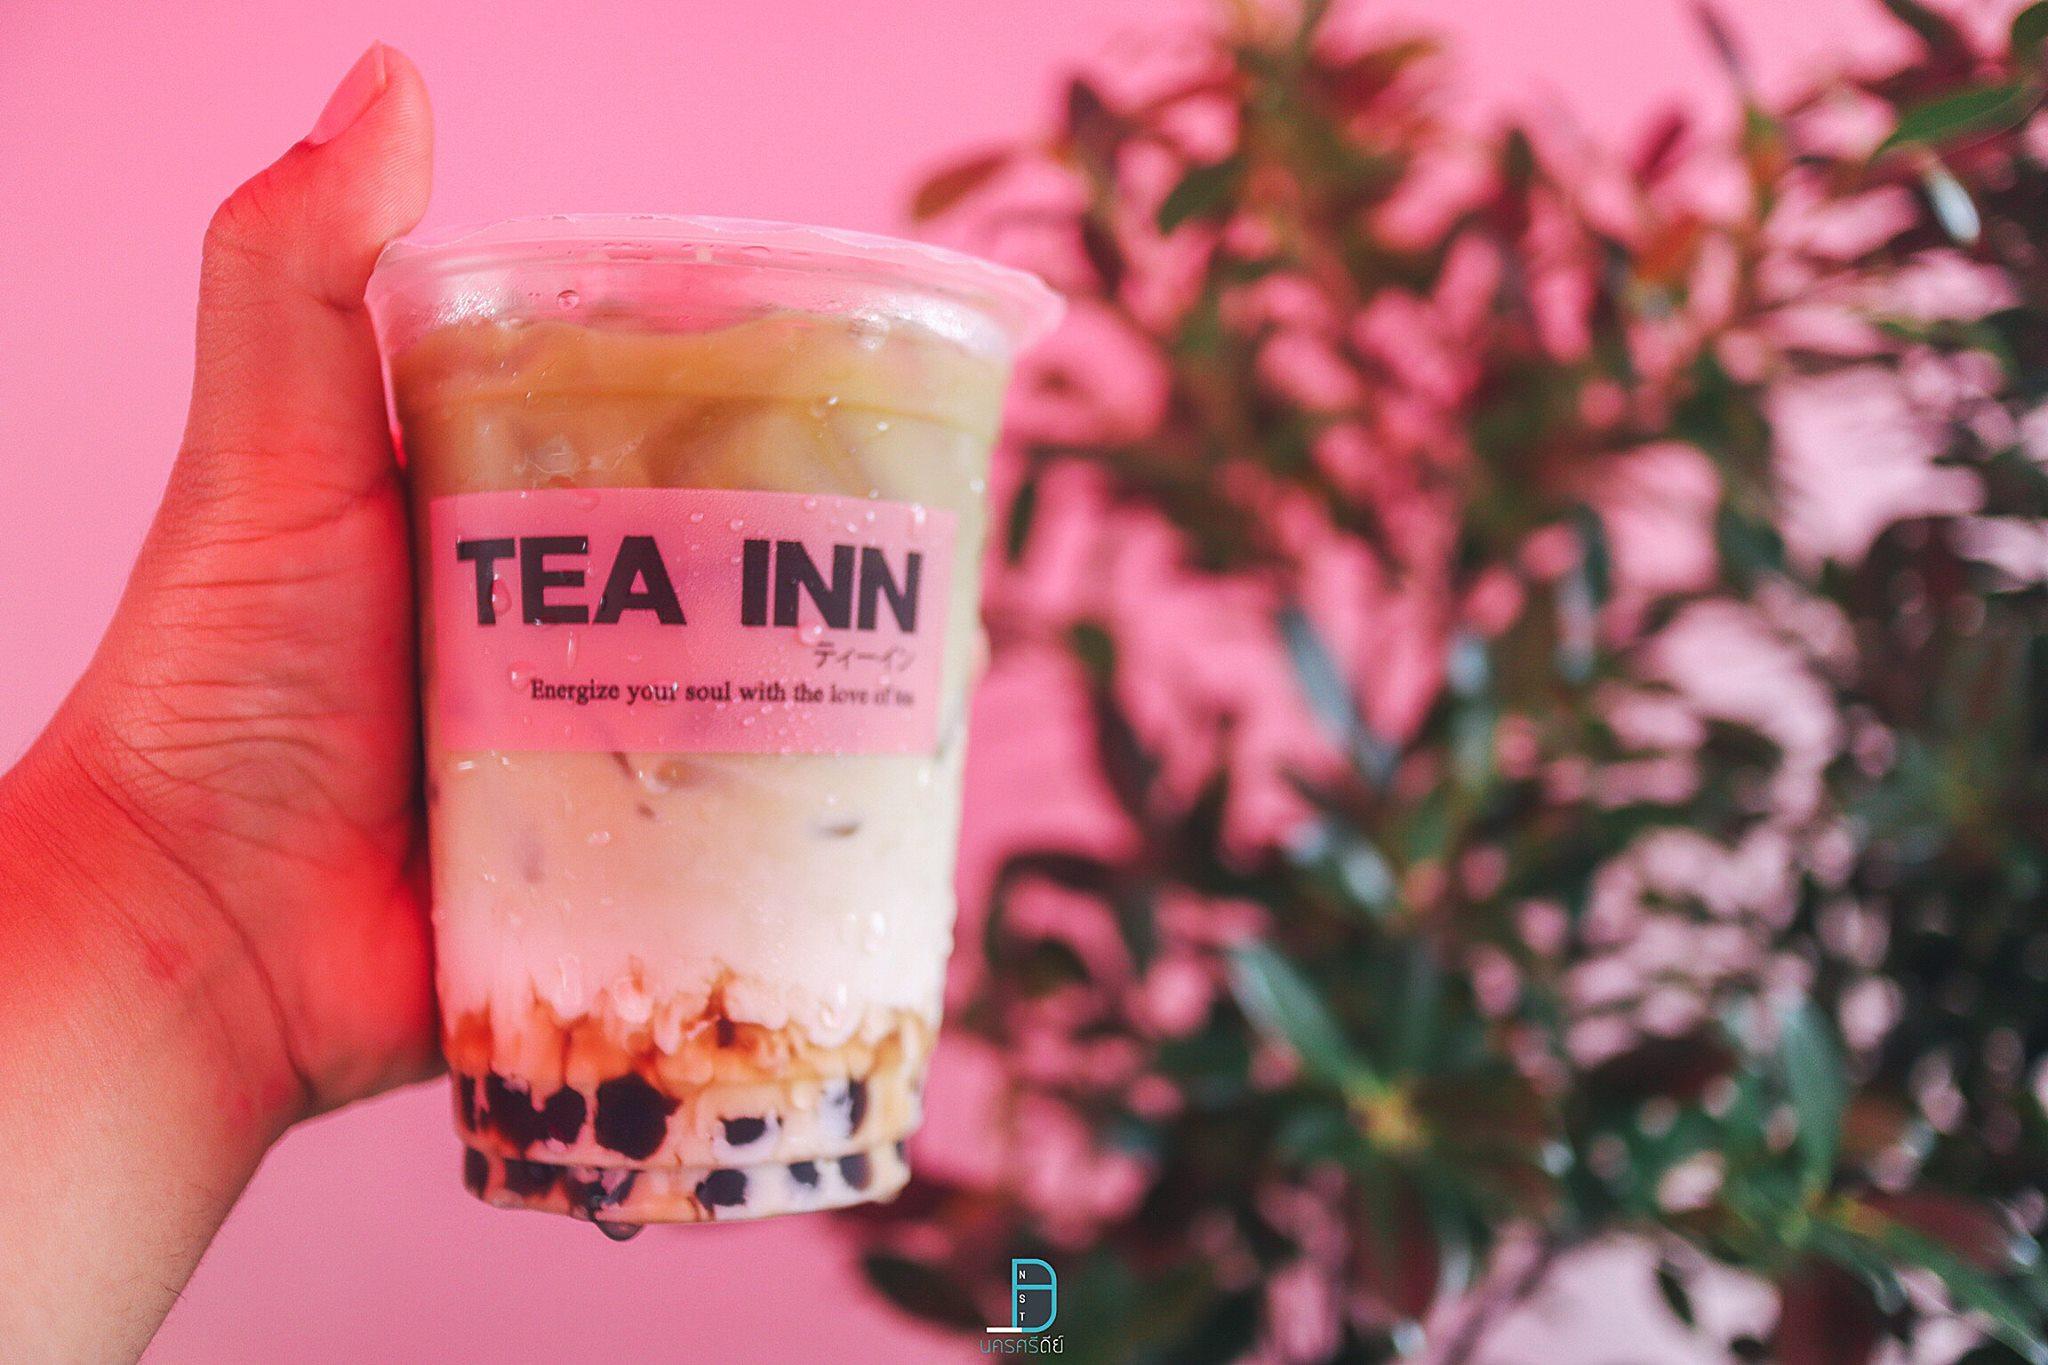 Teainn ร้านชาไข่มุกโทนพาสเทลน่ารักๆ at ประตูลอด นครศรีดีย์